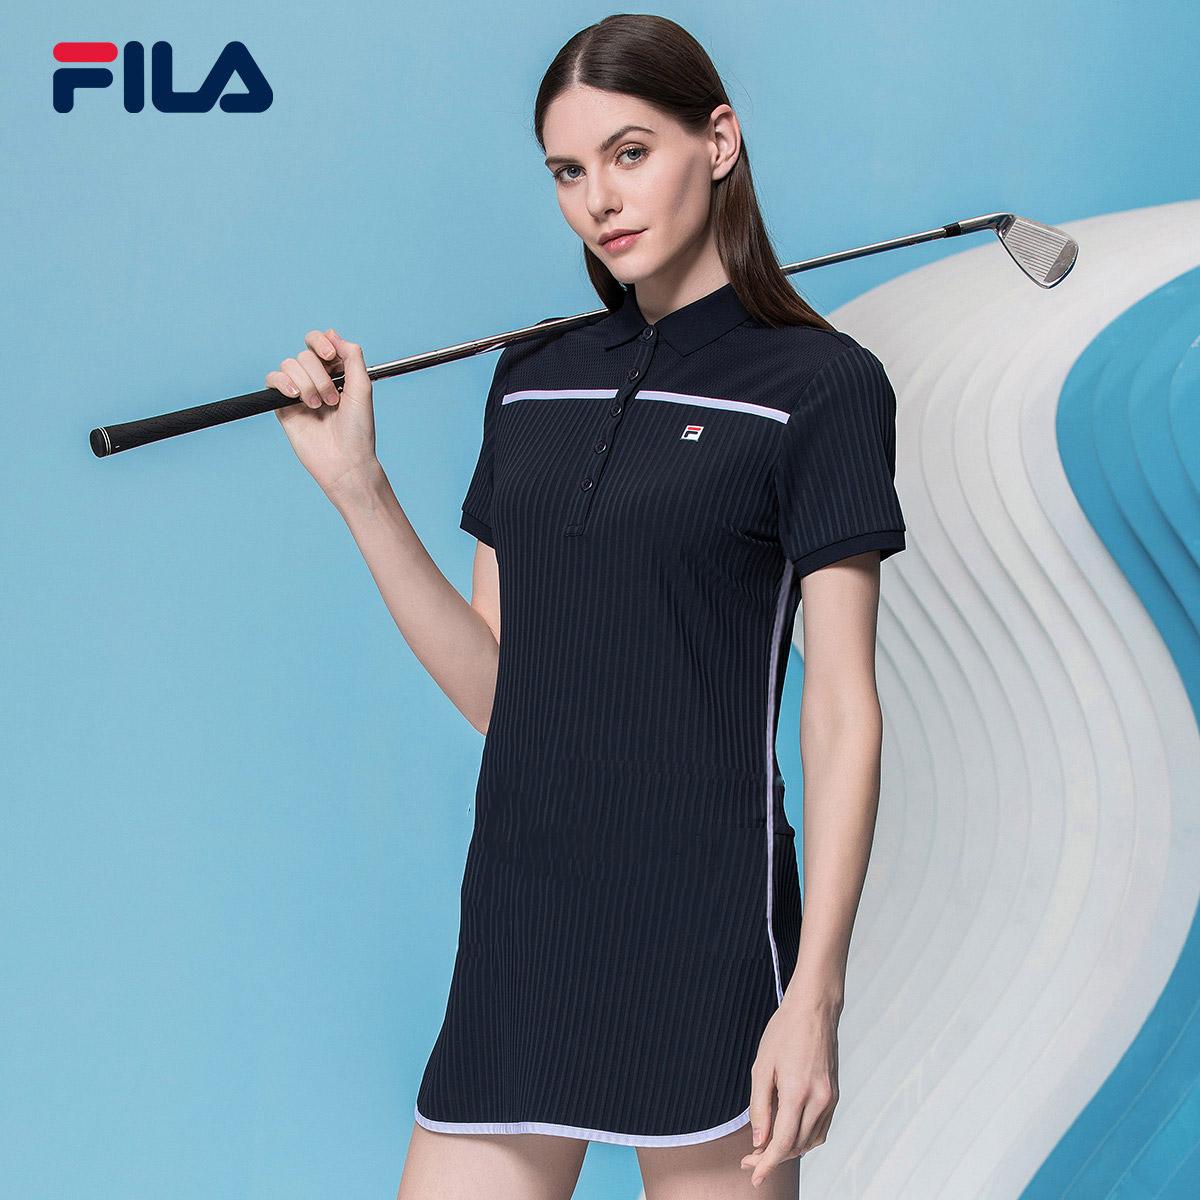 Fila fila golf của phụ nữ dress 2018 new thể thao giản dị ngắn tay áo polo cổ áo dress